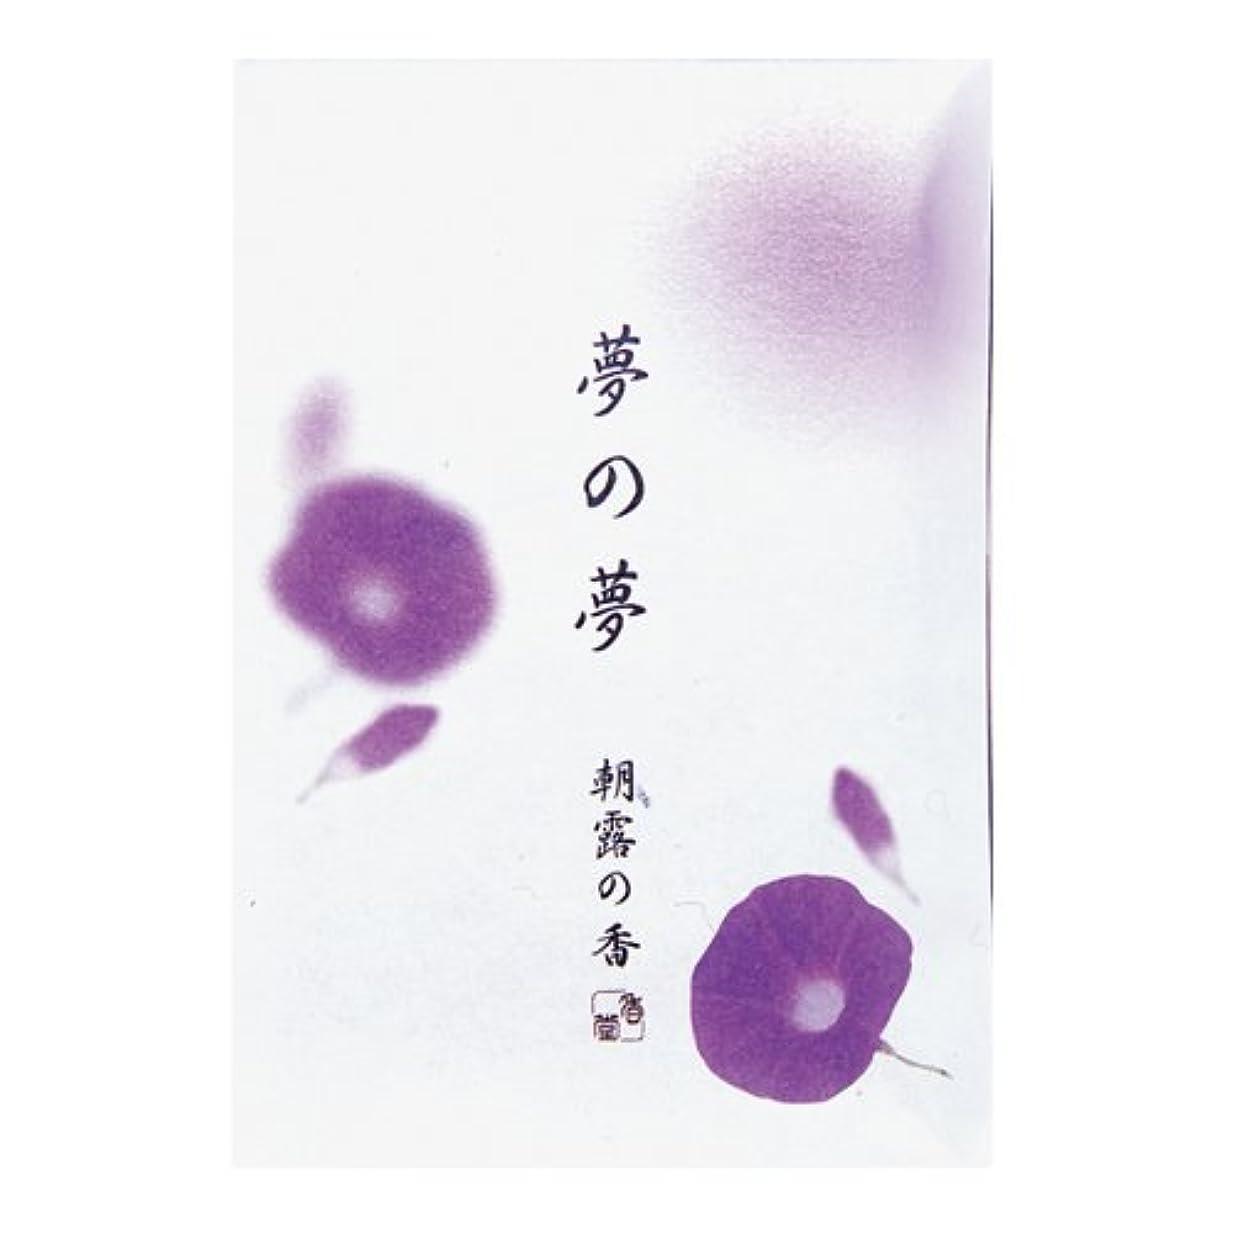 日本香堂 夢の夢朝露の香 スティック